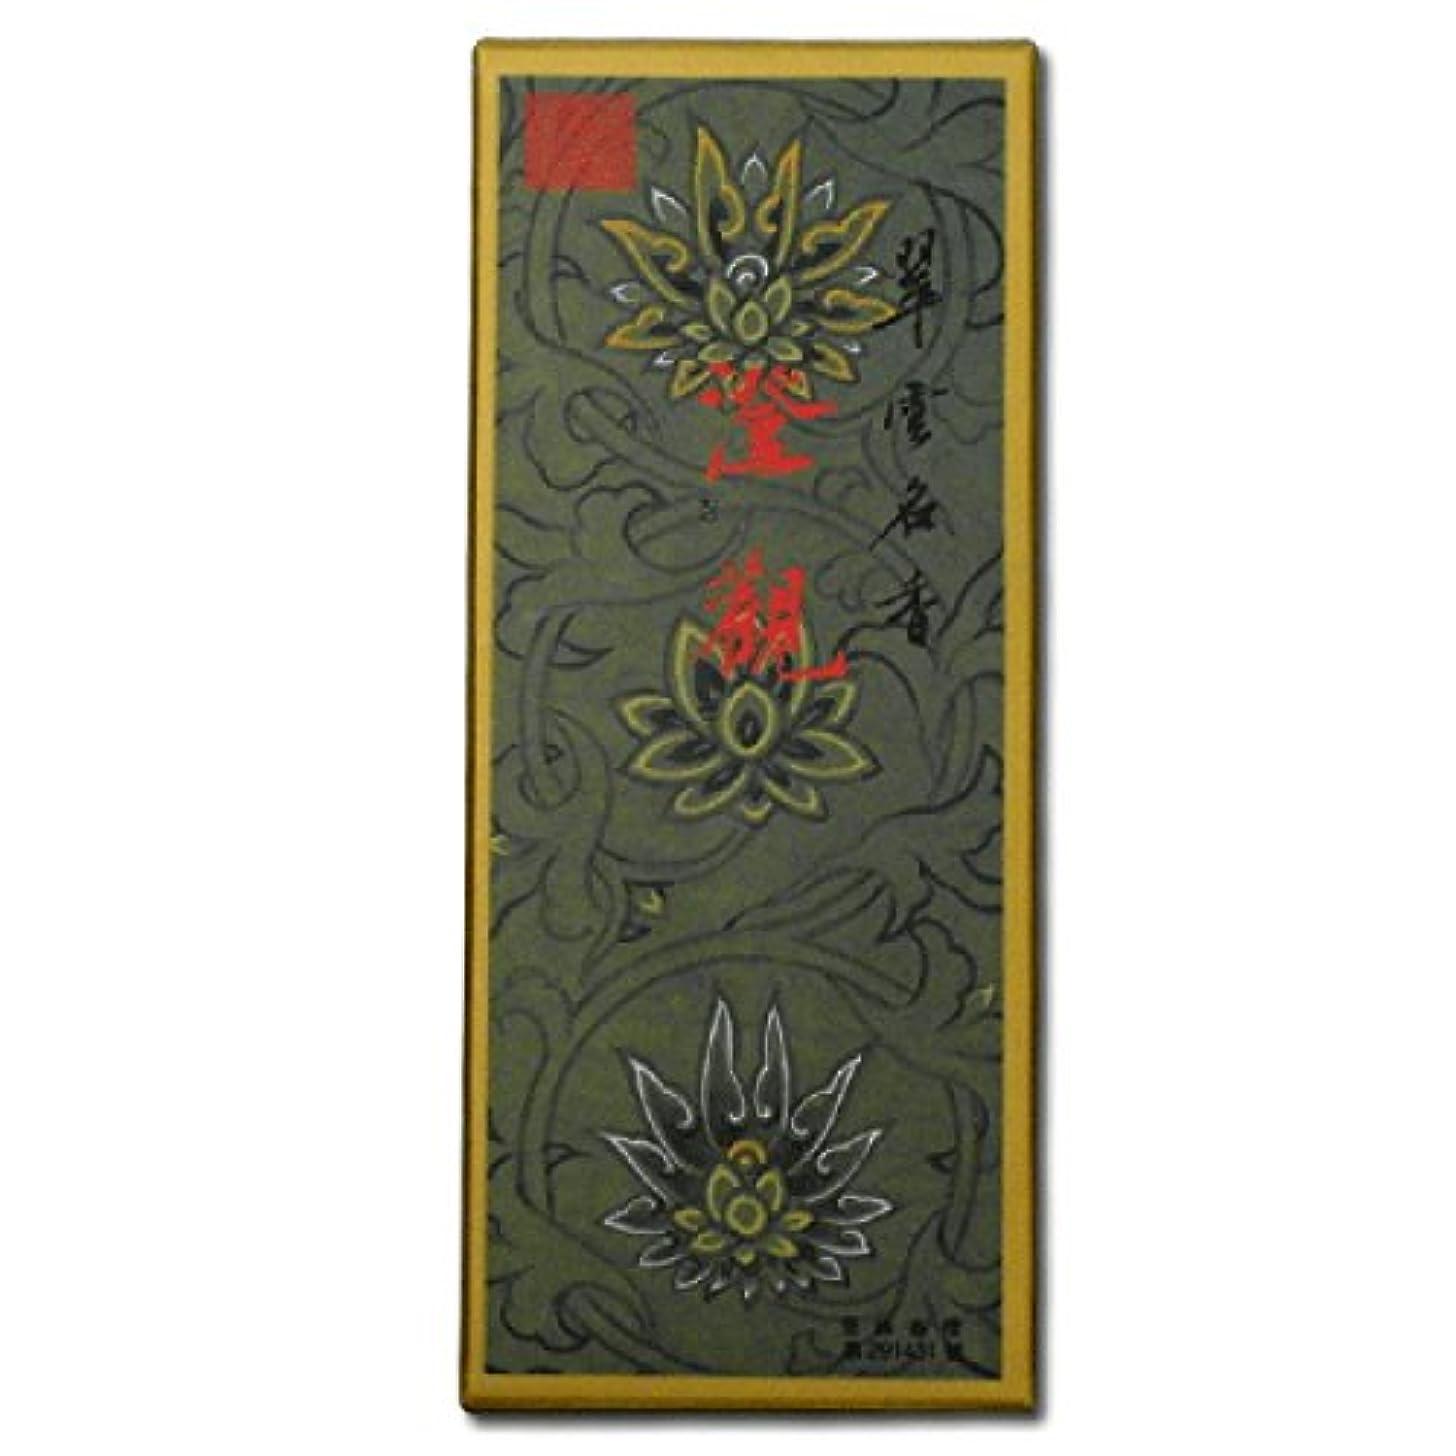 ぬれた全国挨拶するTemple Incense Jing Kwan (クリアGaze ) Oriental Incense Large 120スティックボックス